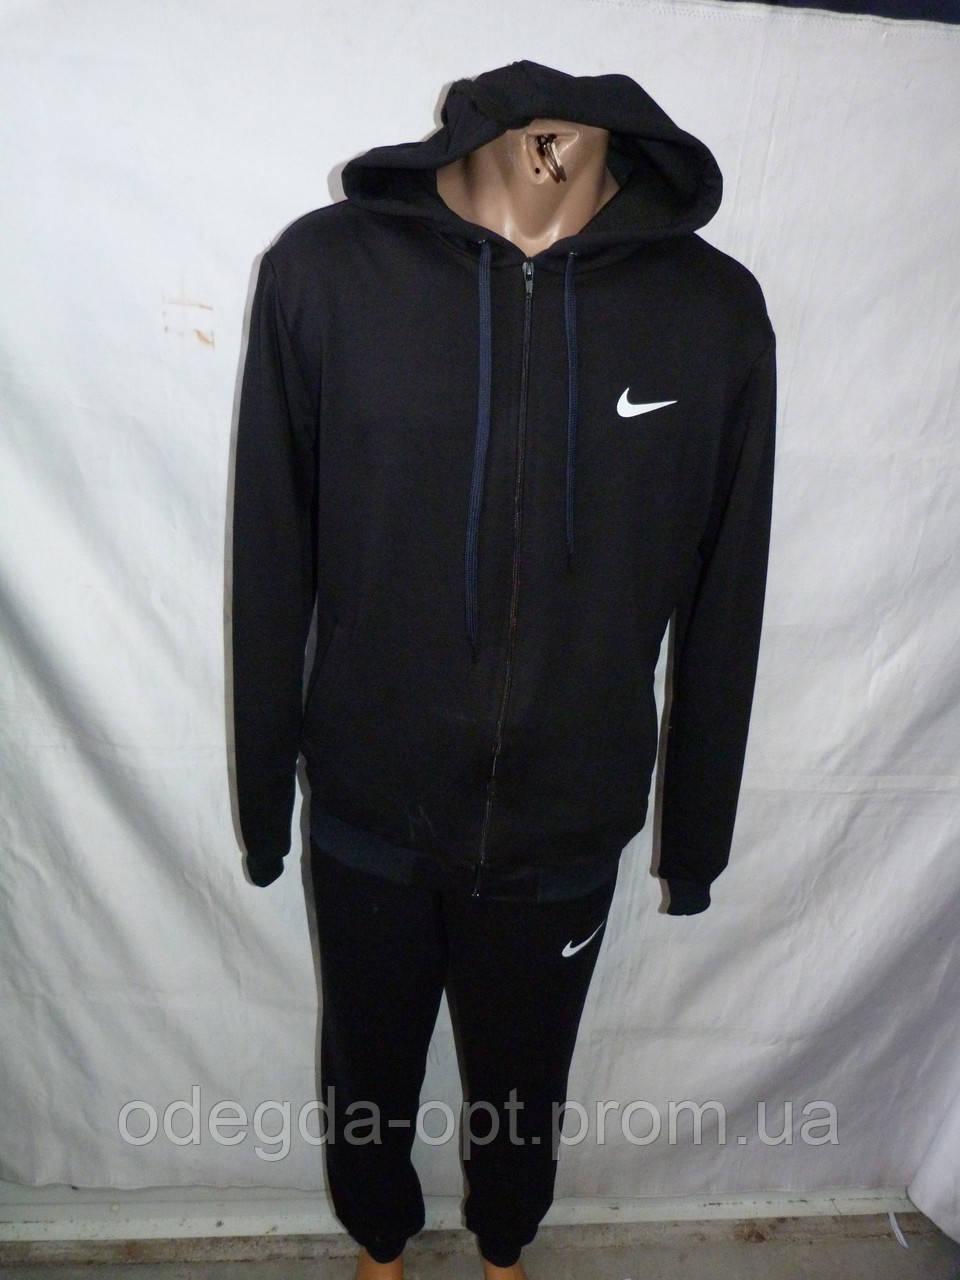 d34477a3 Мужской спортивный костюм Nike Трикотаж 48-54 КАЧЕСТВЕННЫЙ купить оптом в  Украине модные модели -